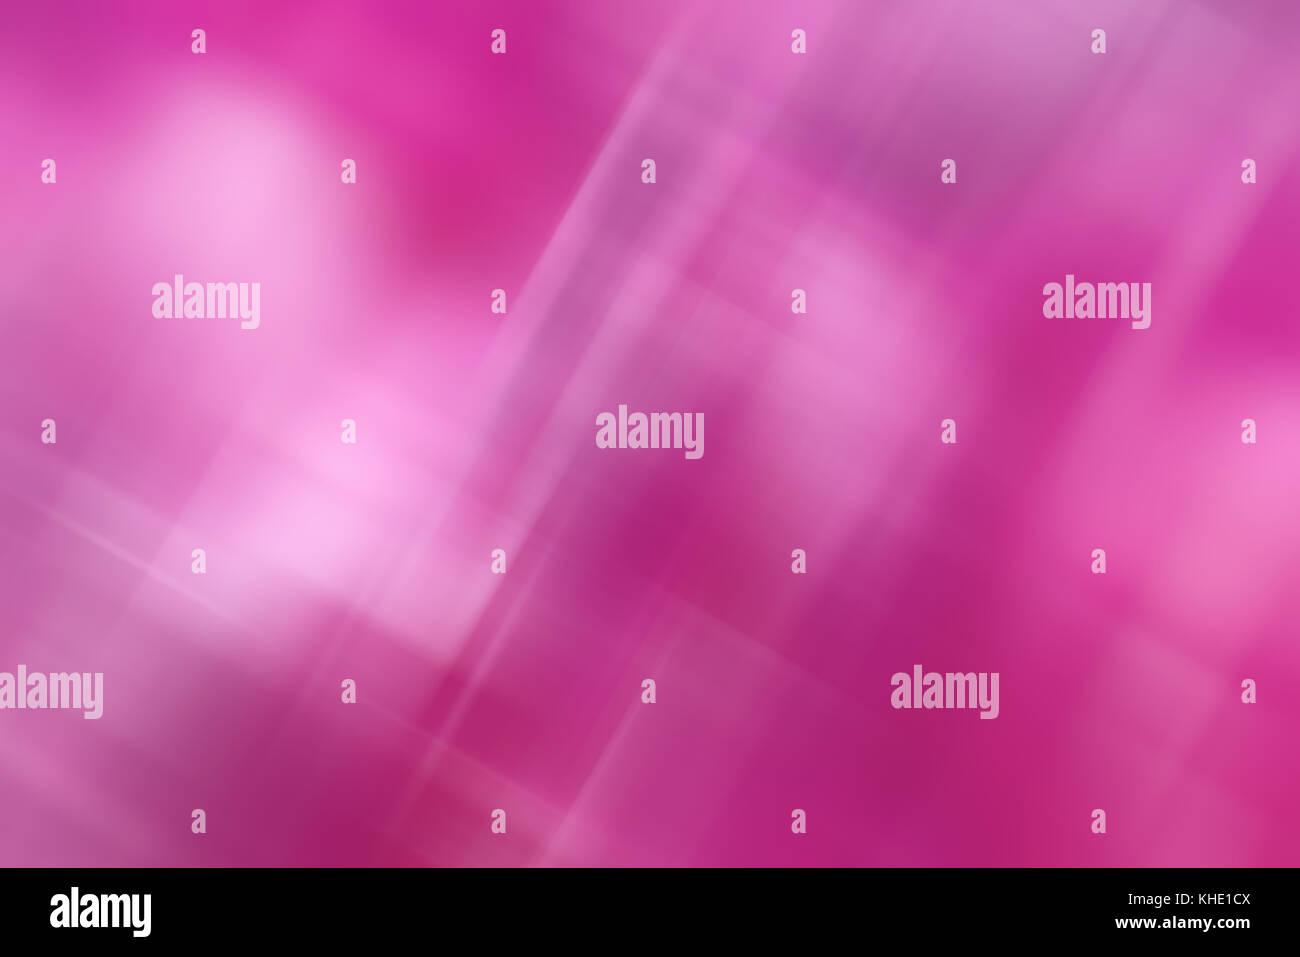 Abstract Sfondo Decorativo In Sfumature Di Colore Rosa Con Pattern